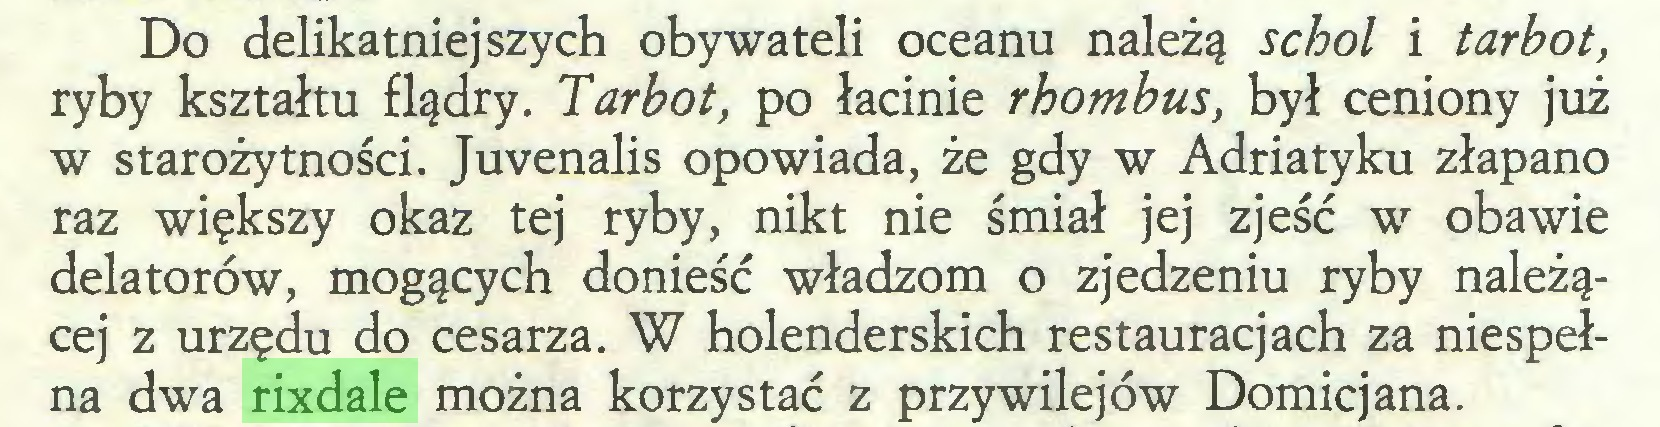 (...) Do delikatniejszych obywateli oceanu należą schol i tar bot, ryby kształtu flądry. Tar bot, po łacinie rhombus, był ceniony już w starożytności. Juvenalis opowiada, że gdy w Adriatyku złapano raz większy okaz tej ryby, nikt nie śmiał jej zjeść w obawie delatorów, mogących donieść władzom o zjedzeniu ryby należącej z urzędu do cesarza. W holenderskich restauracjach za niespełna dwa rixdale można korzystać z przywilejów Domicjana...